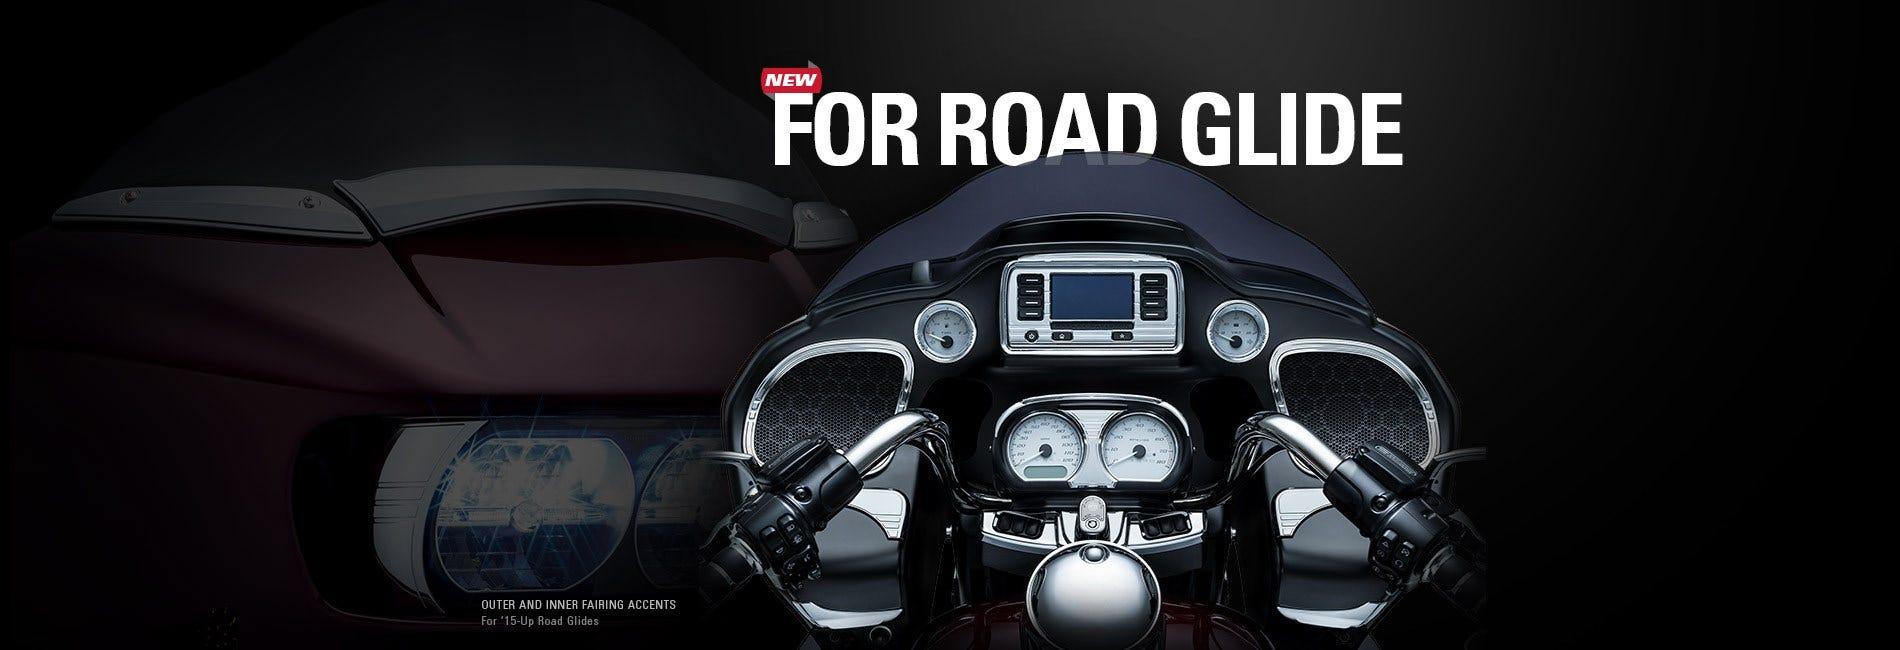 Road Glide 2015-2016 Accessories